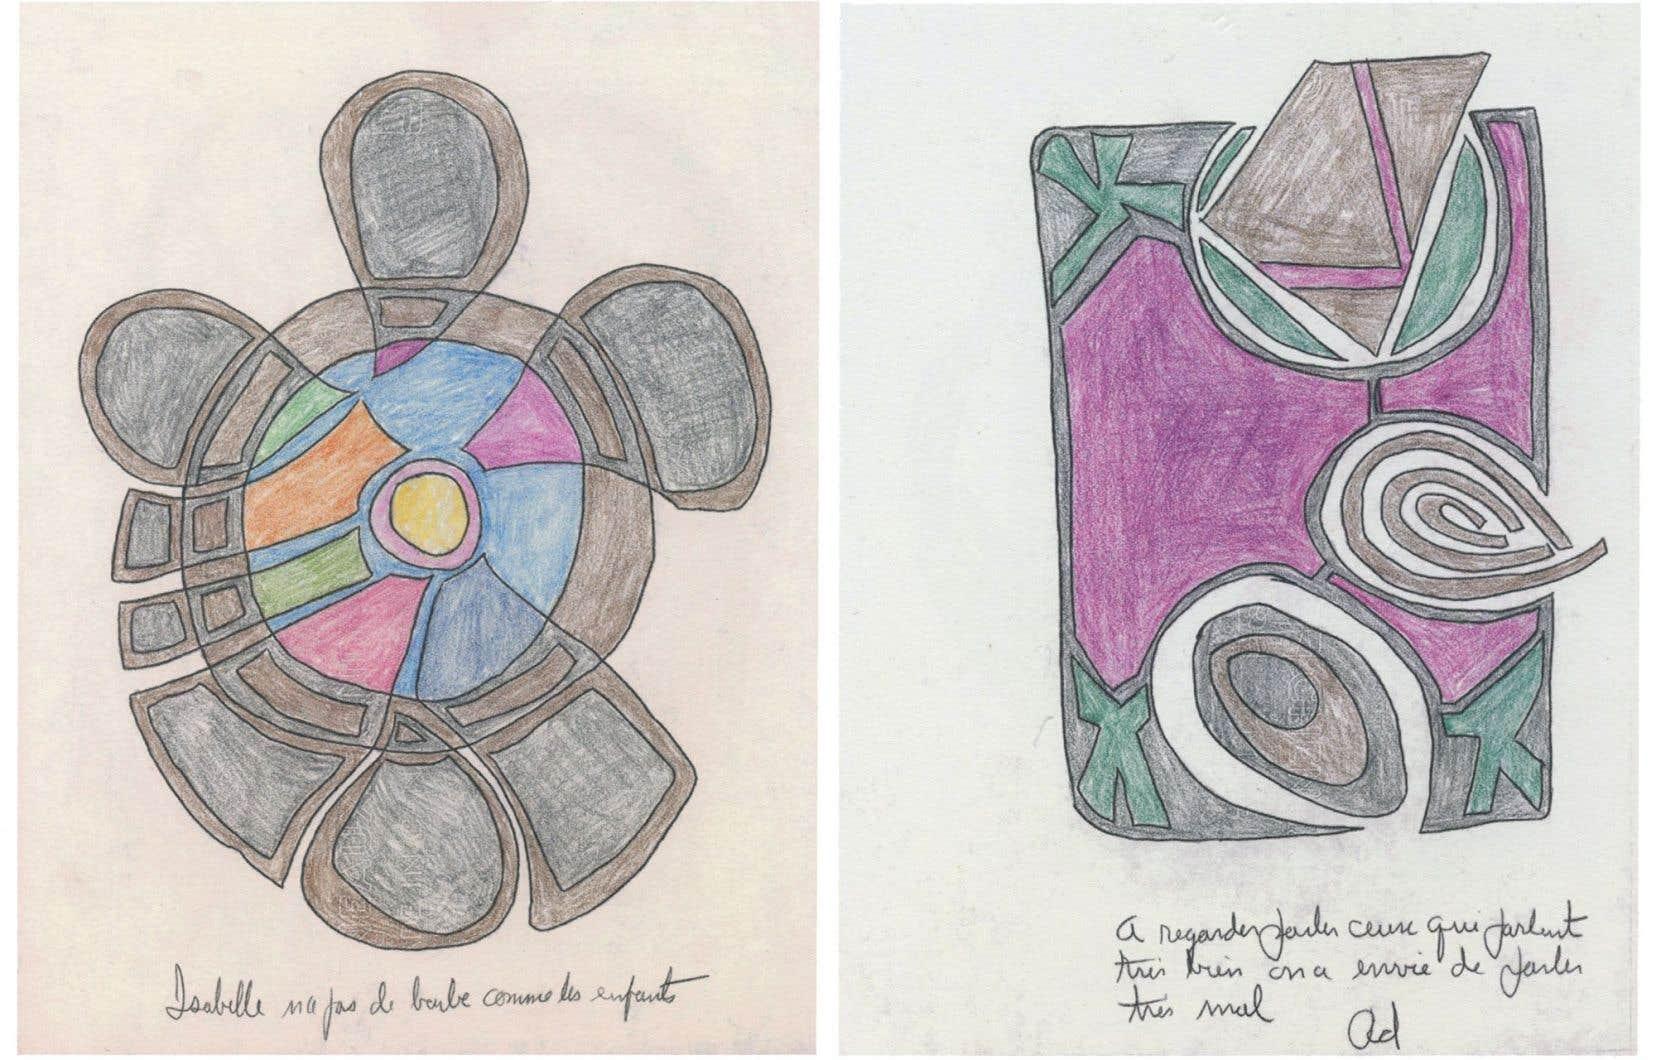 Dans «Le Lactume», tout Réjean Ducharme se concentre dans cet assemblage plutôt enfantin de croquis aux crayons de couleur, aux courbes, aux carrés, aux formes répétitives.